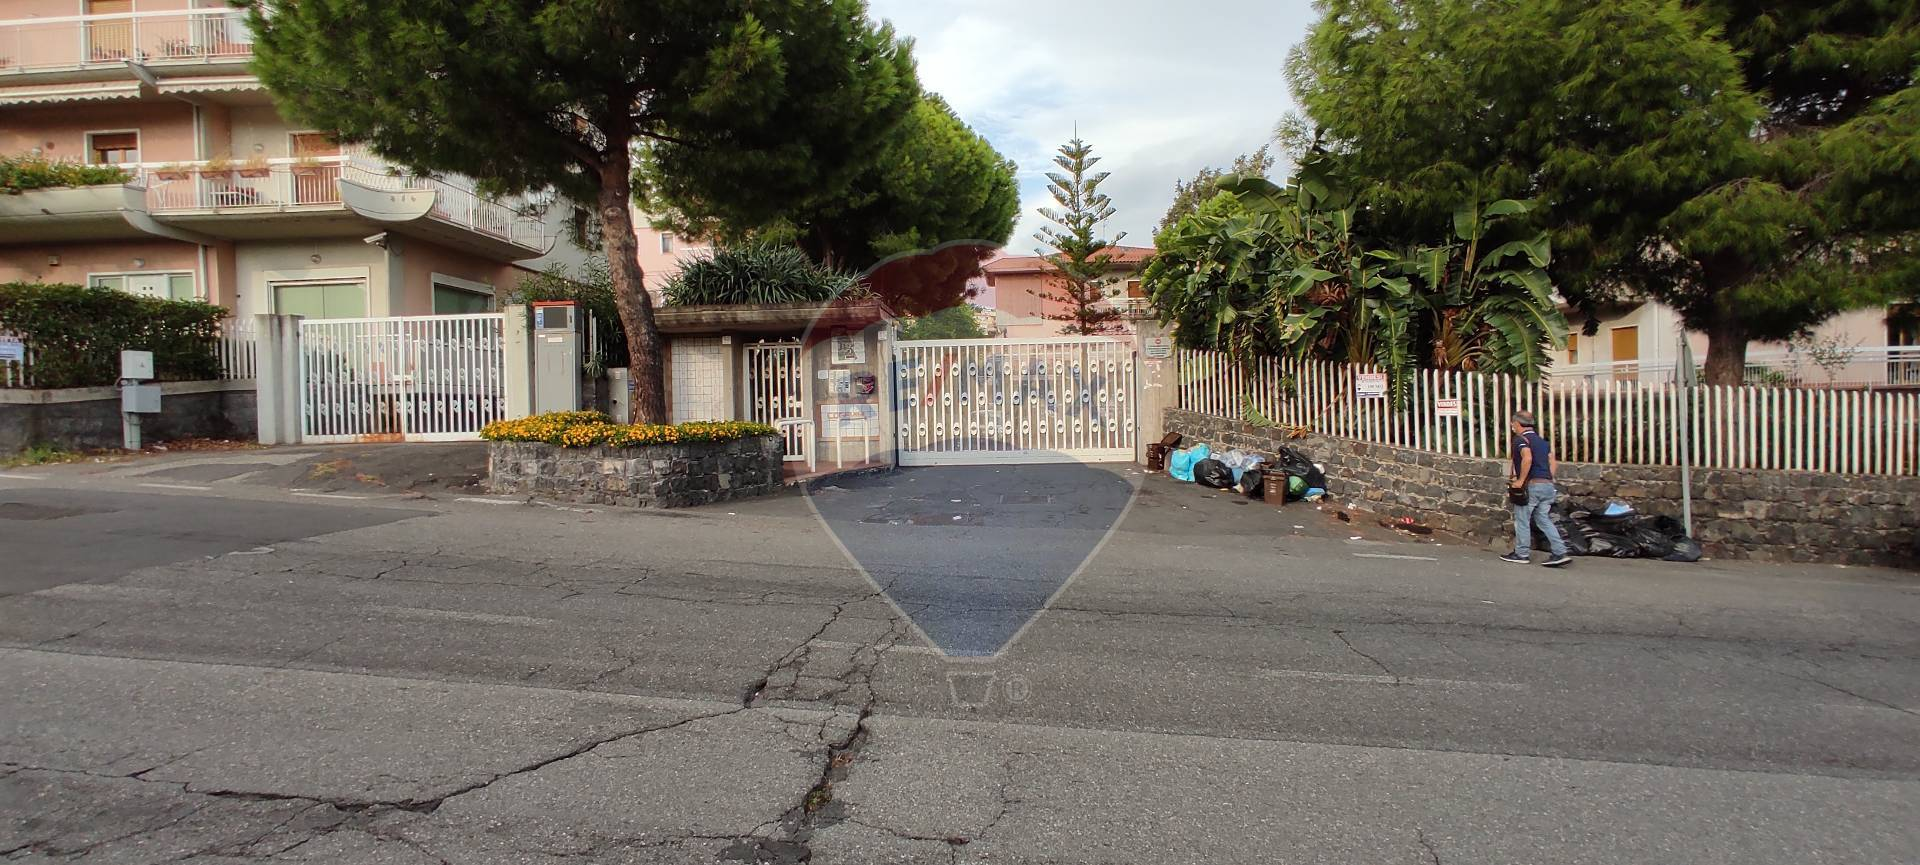 Box / Garage in vendita a Aci Castello, 4 locali, zona Zona: Ficarazzi, prezzo € 80.000 | CambioCasa.it